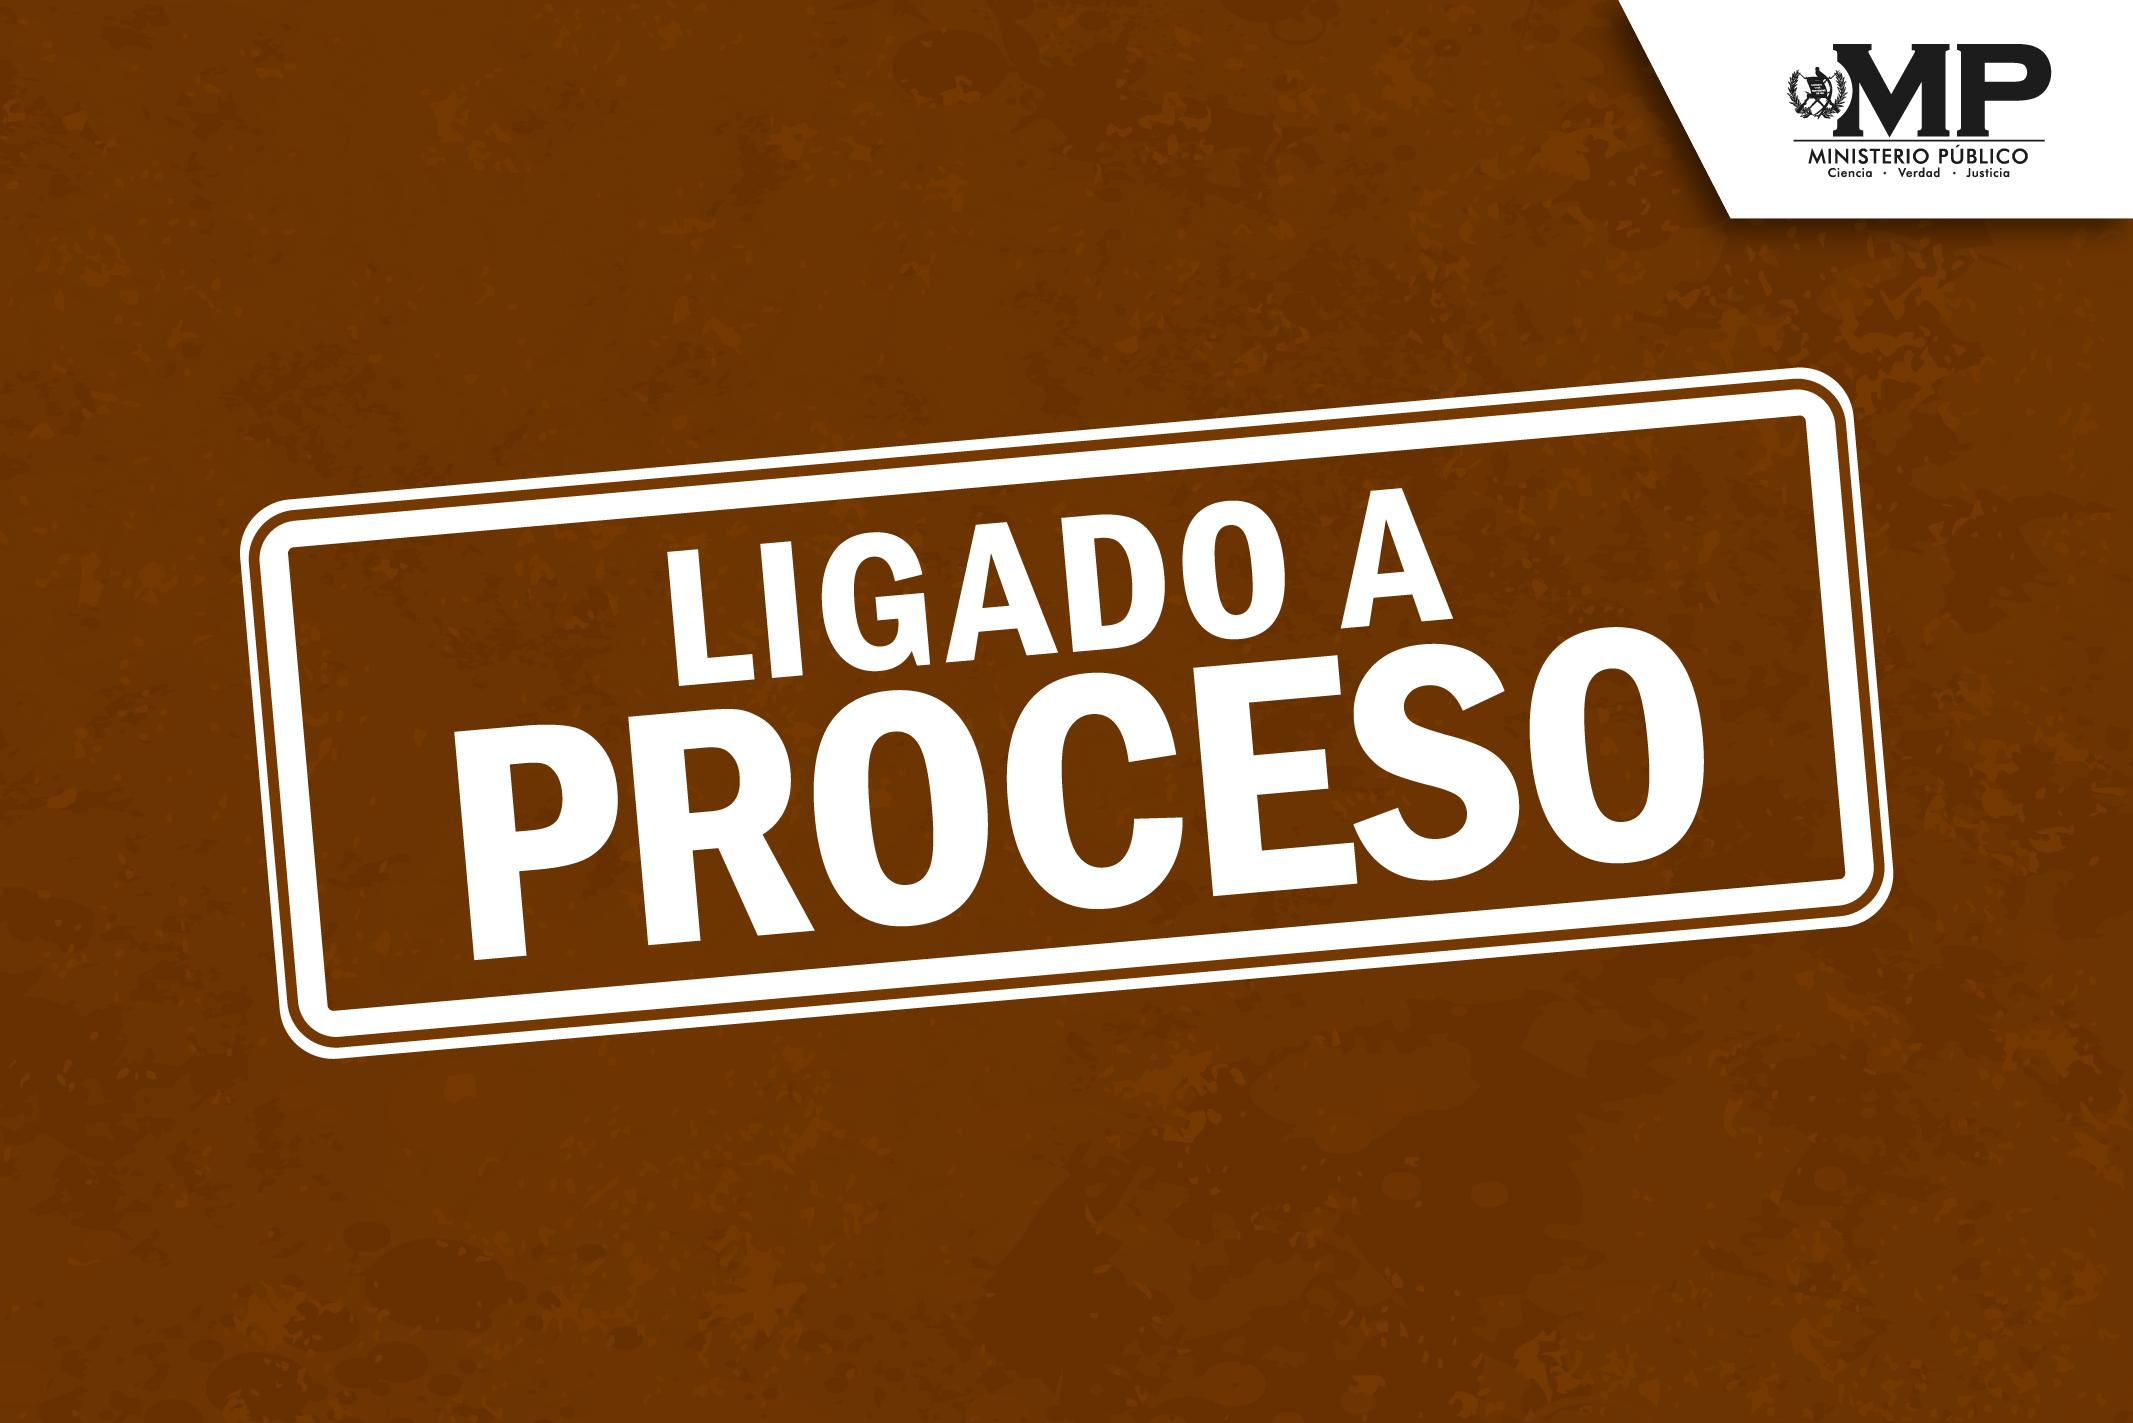 BACK_MP_LIGADO_A_PROCESO-03 (2)